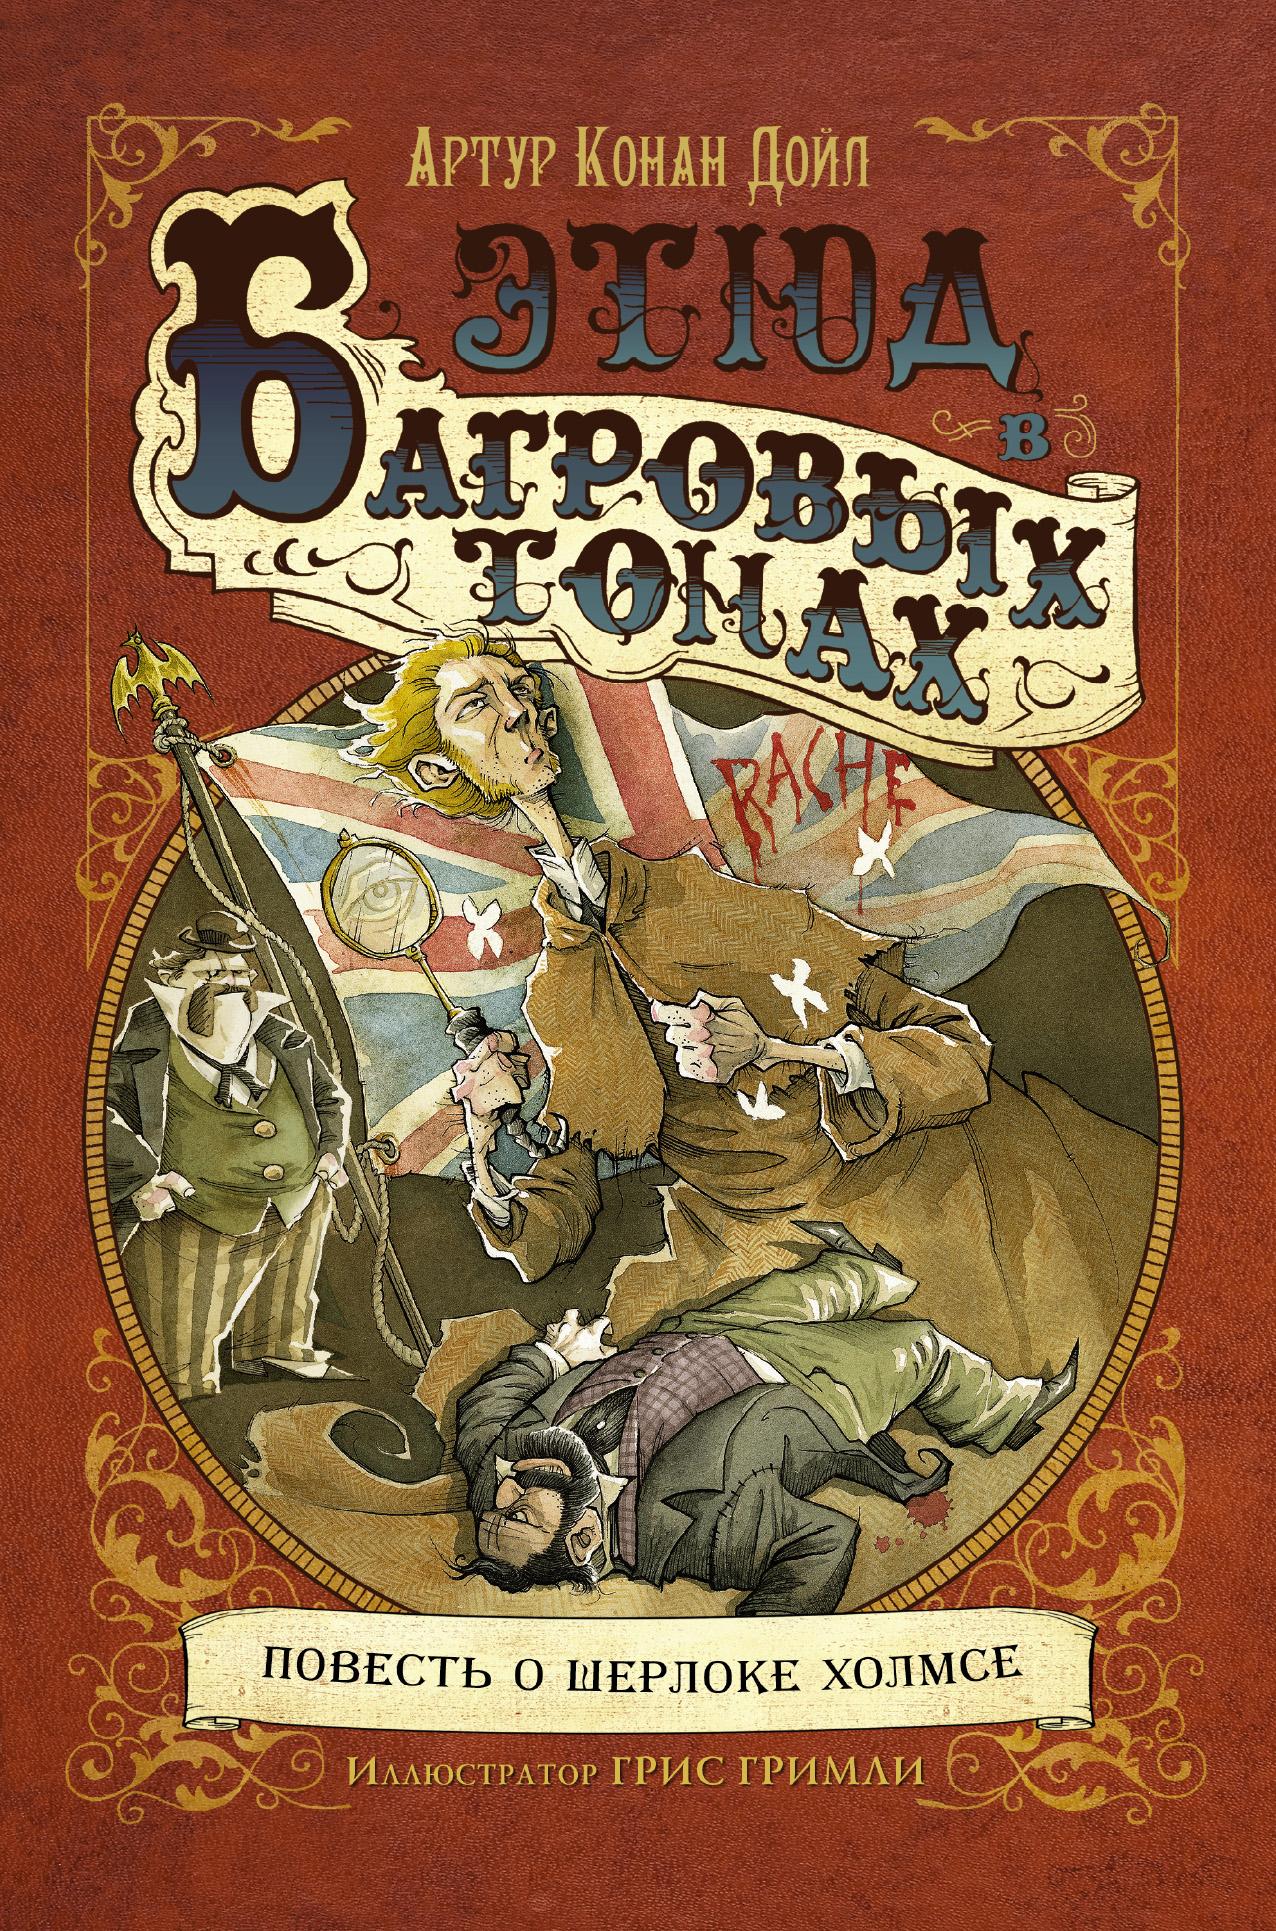 Артур Конан Дойл Этюд в багровых тонах артур конан дойл шерлок холмс в комиксах часть 1 этюд в багровых тонах